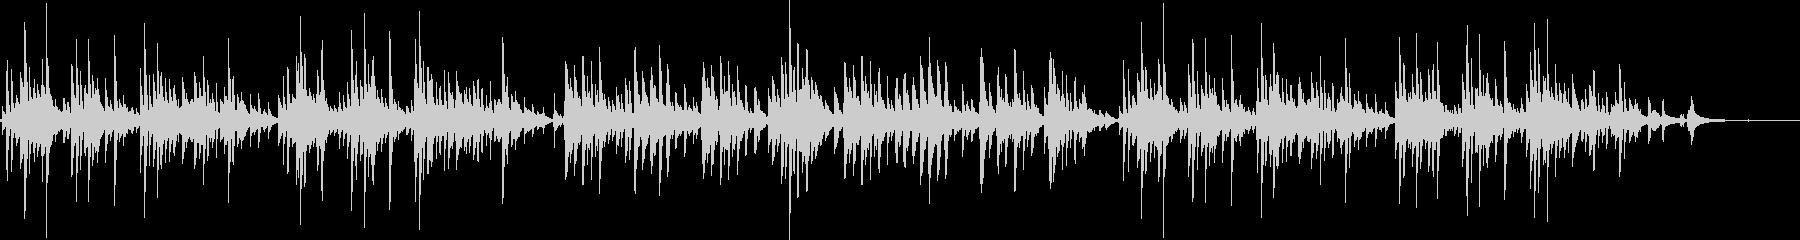 小型ギターによるオルゴールのような演奏の未再生の波形